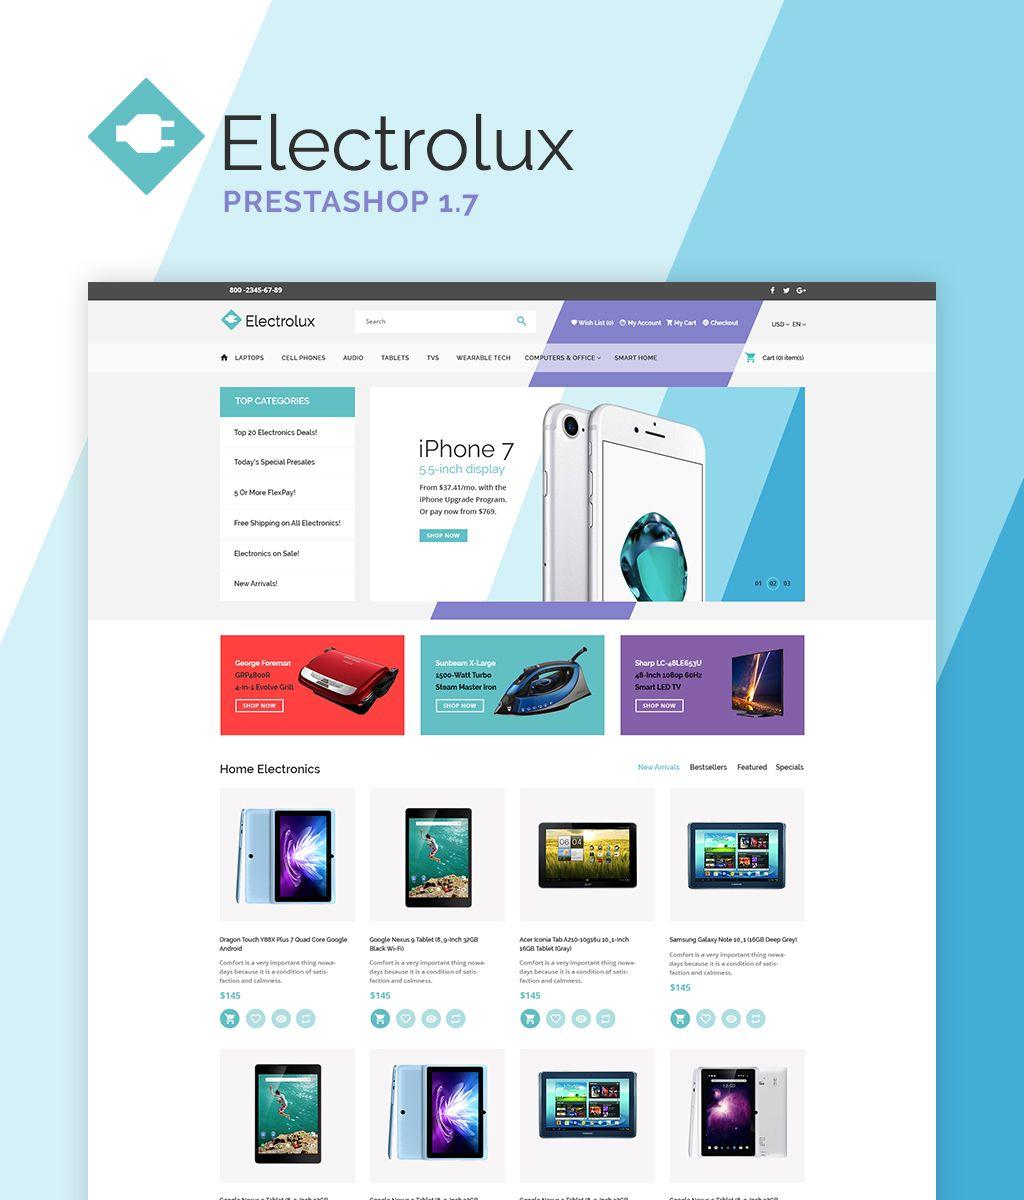 electrolux prestashop theme